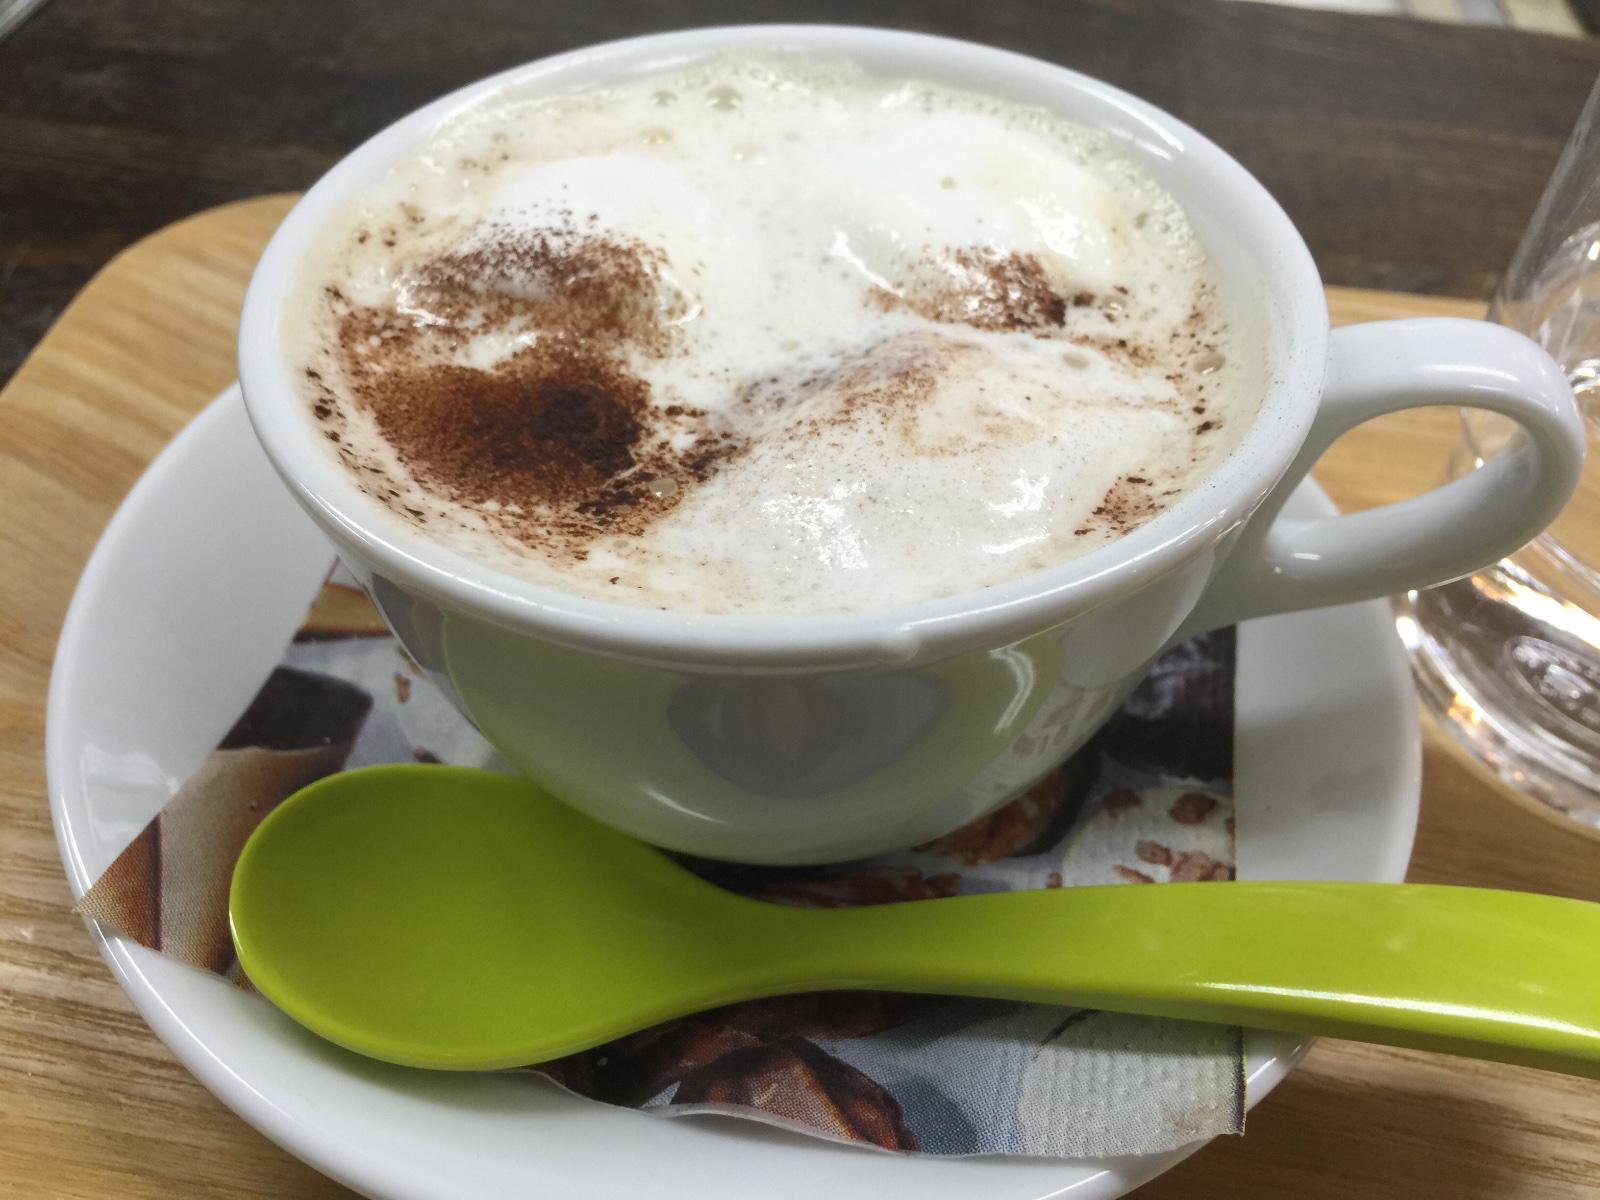 新世界にあるこだわりのコーヒー屋さん【スラウェシ ビーンズ ジャパン】マシュマロ入りラテ